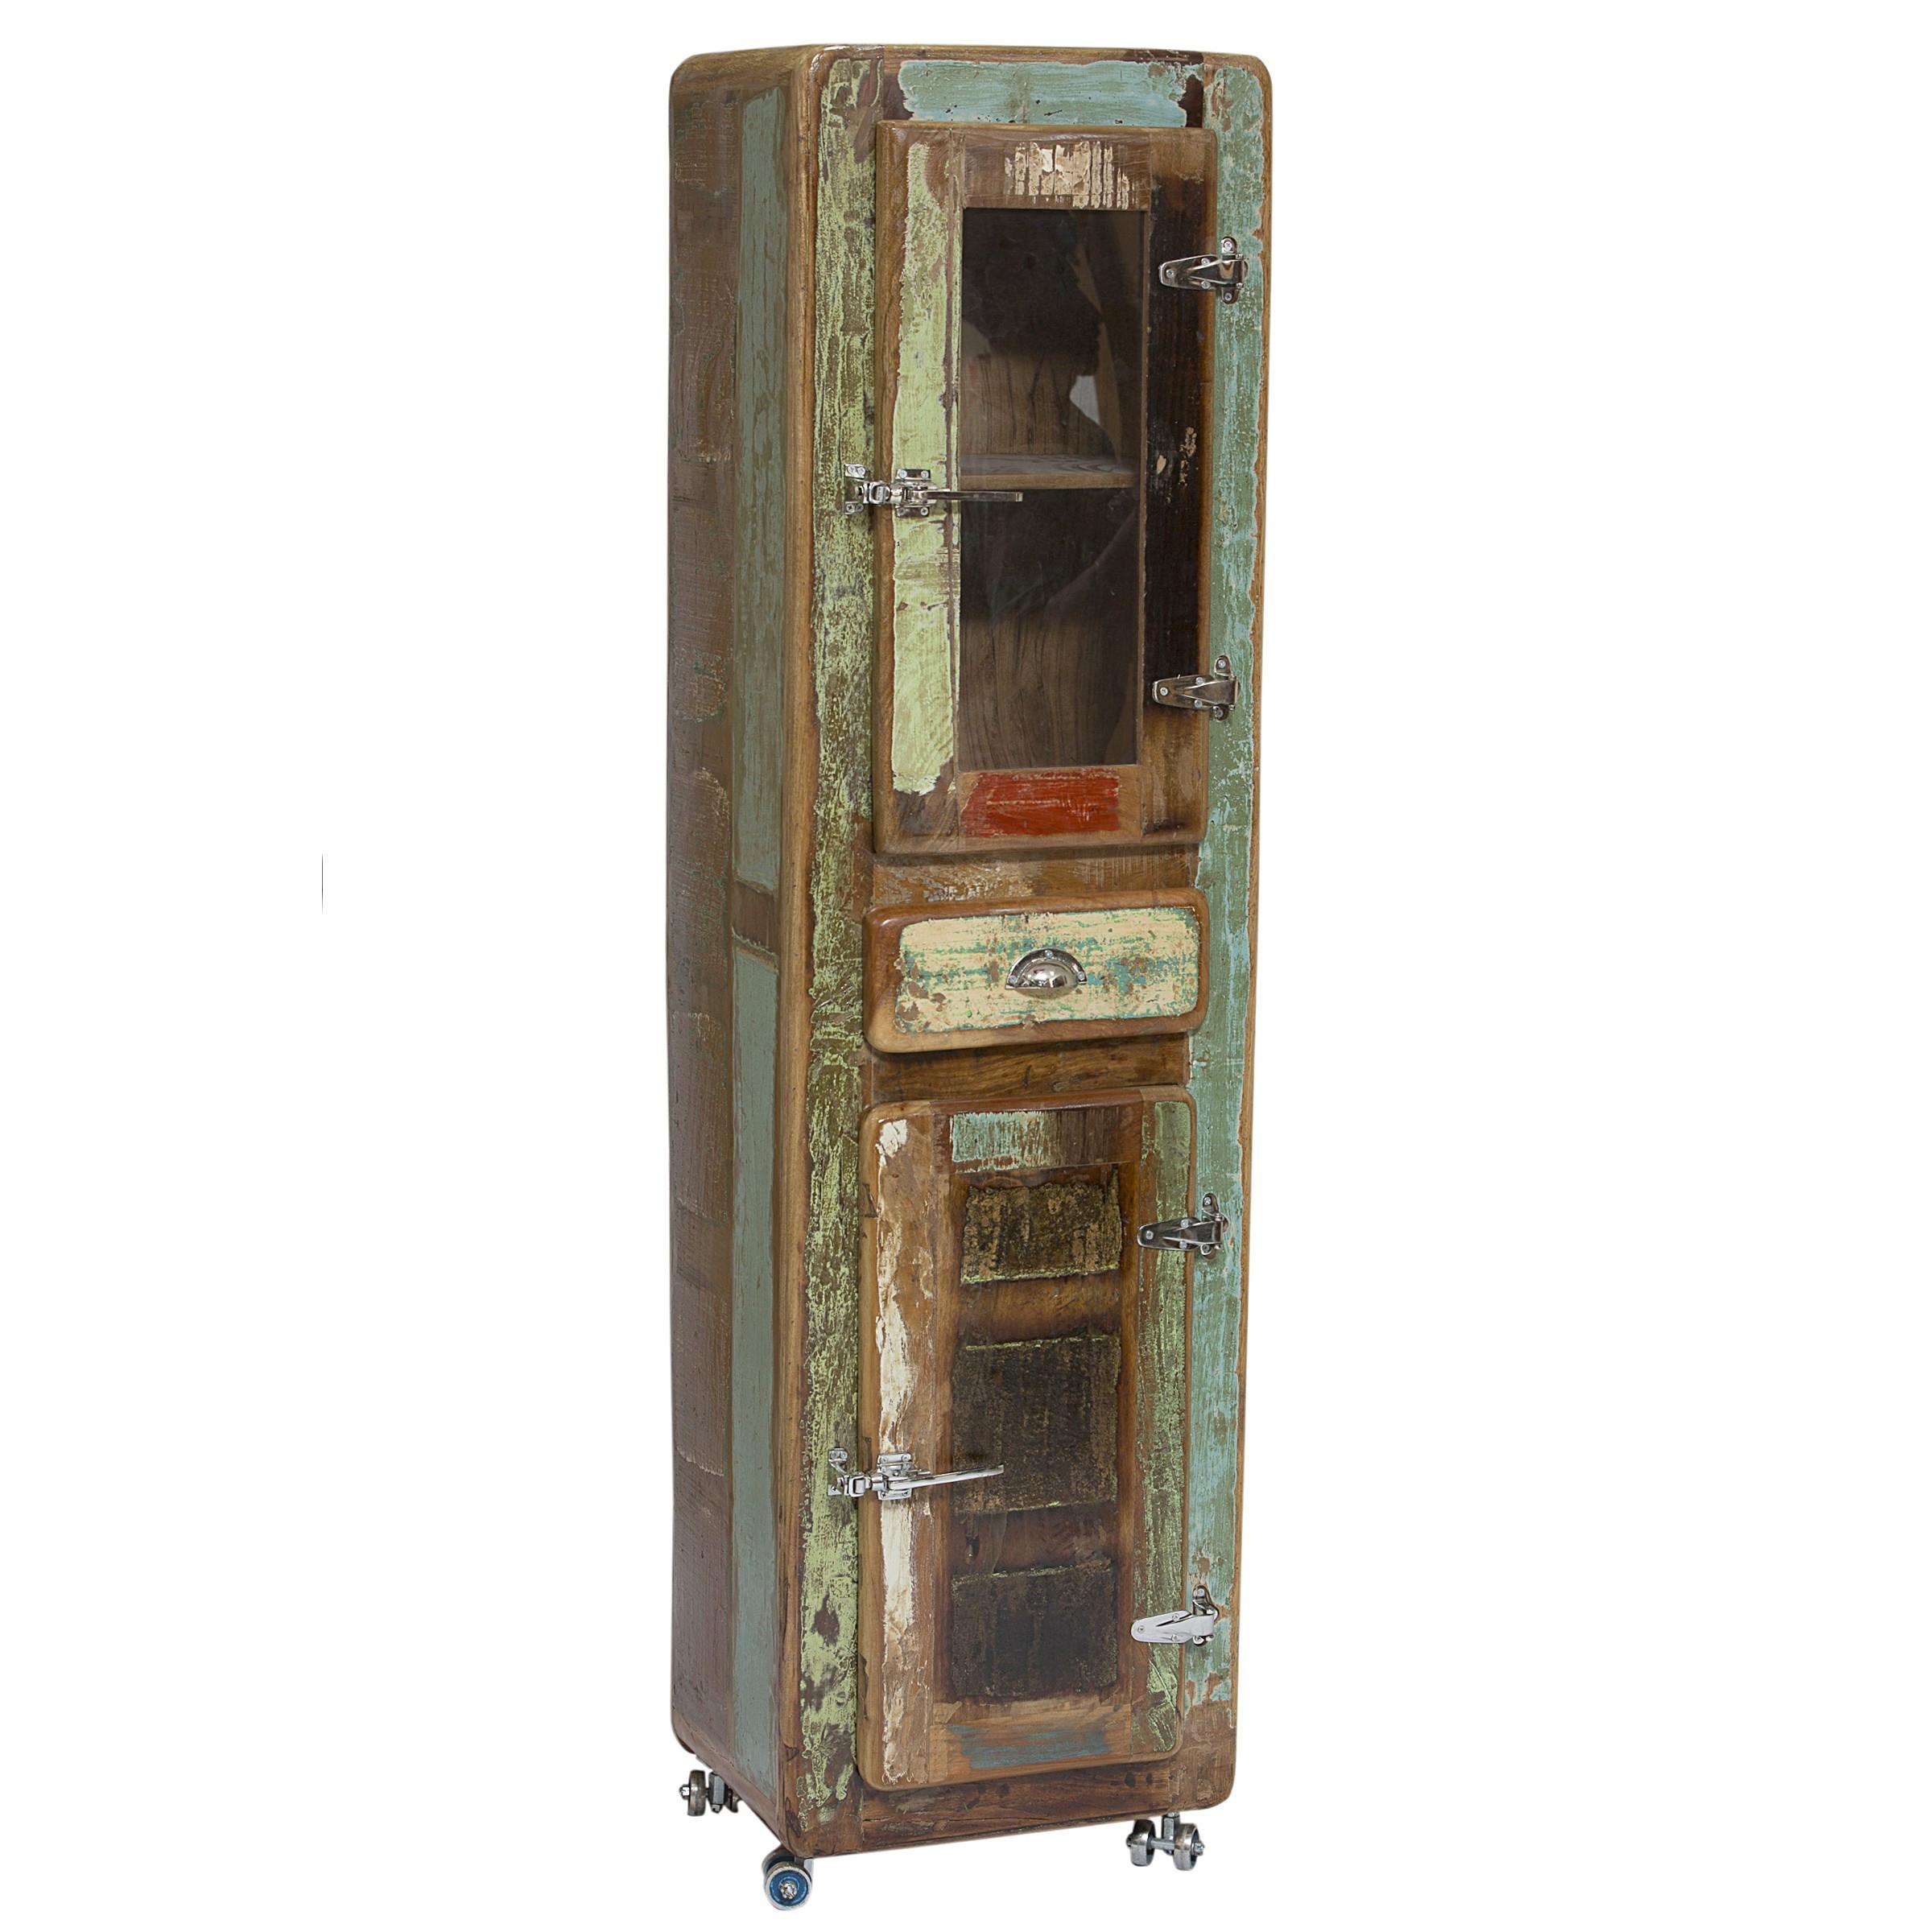 Petit Meuble Cabinet 55X190 Cm Vintage En Bois Recyclé dedans Petit Meuble Avec Tiroir